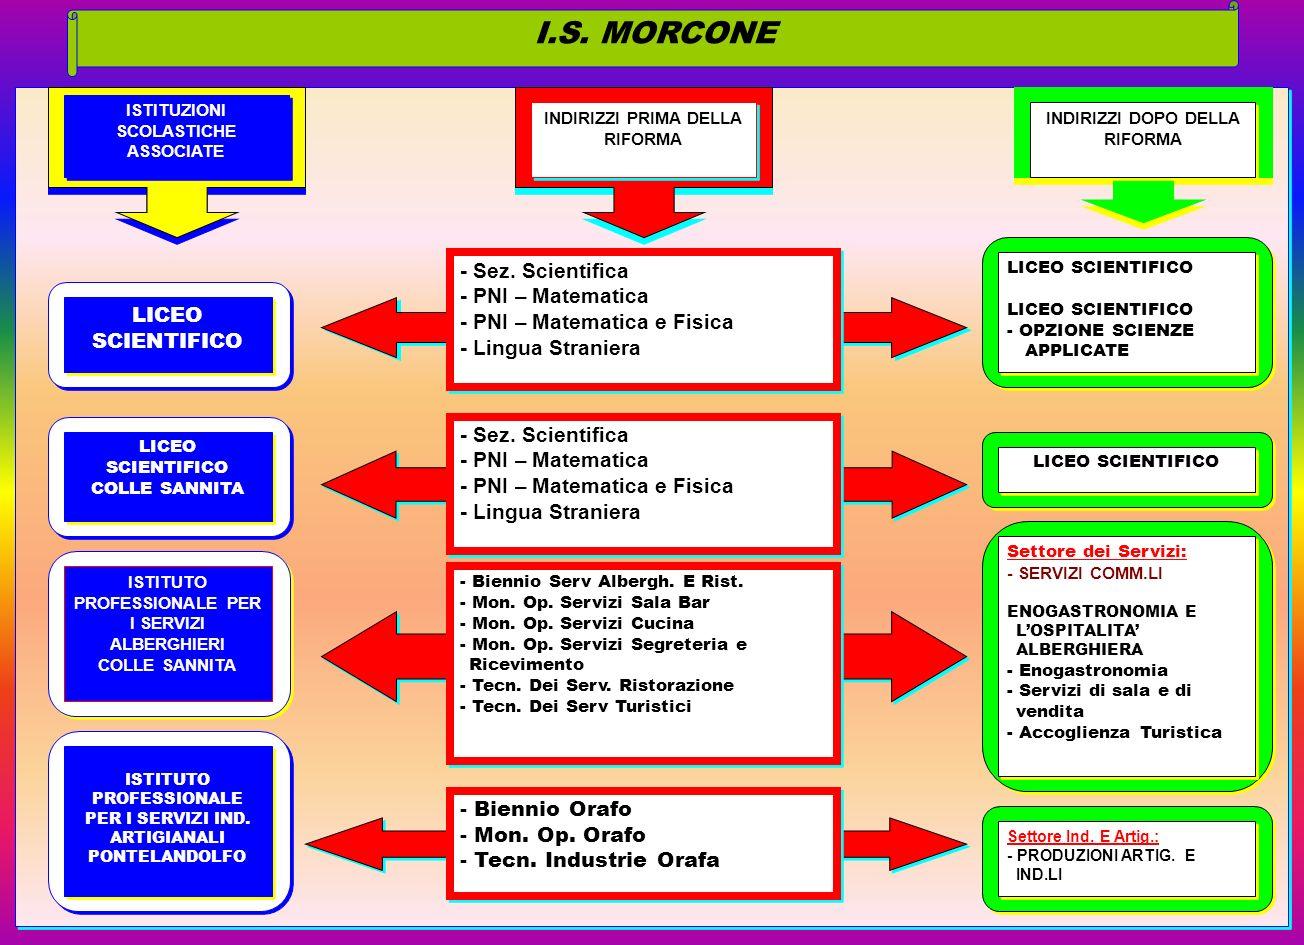 I.S. MORCONE - Sez. Scientifica - PNI – Matematica